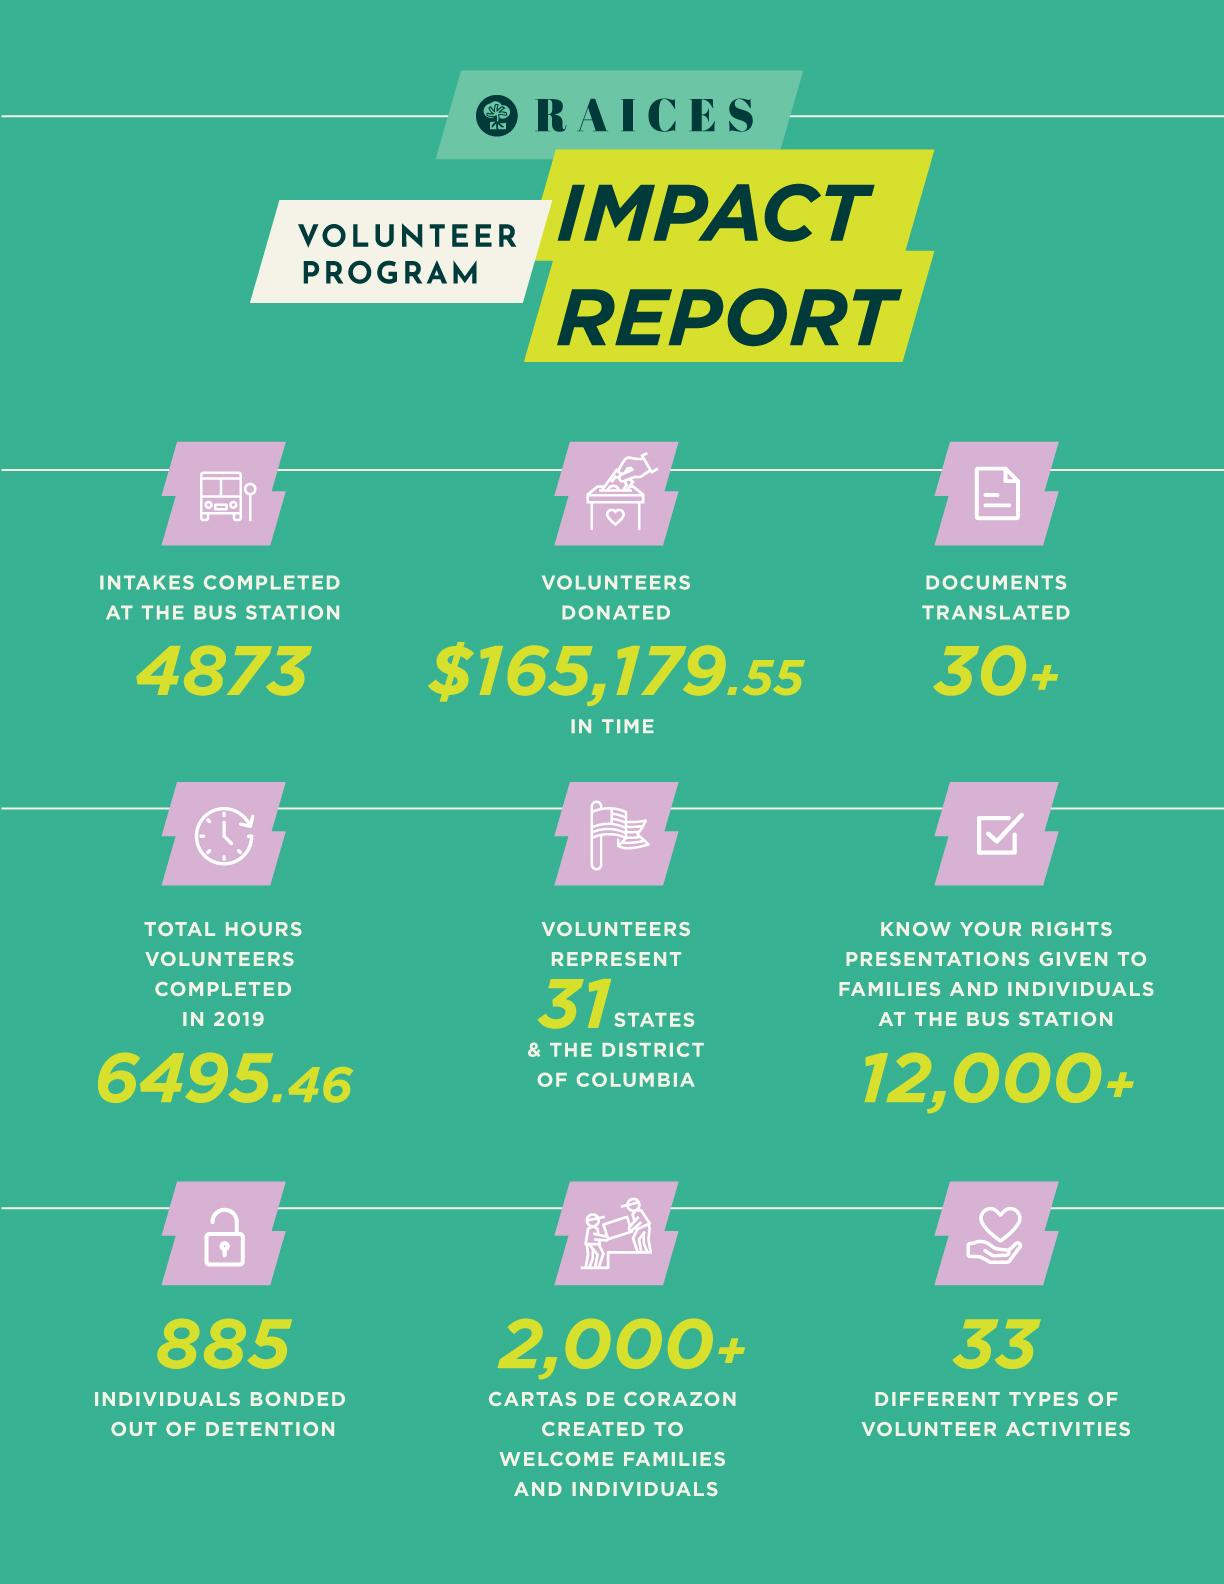 Volunteer Impact Report 2020